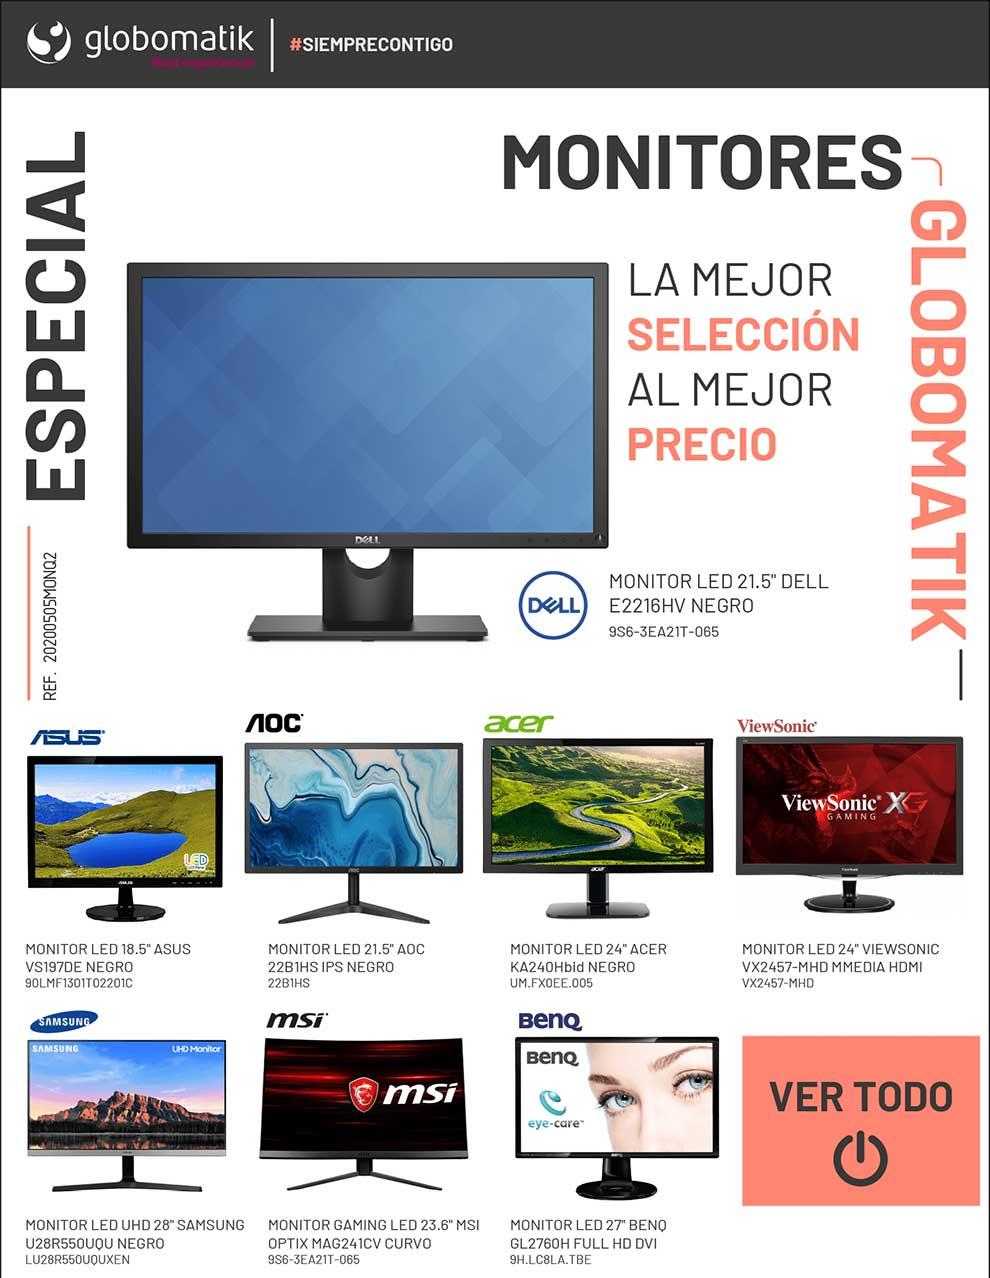 descuento monitores en Globomatik